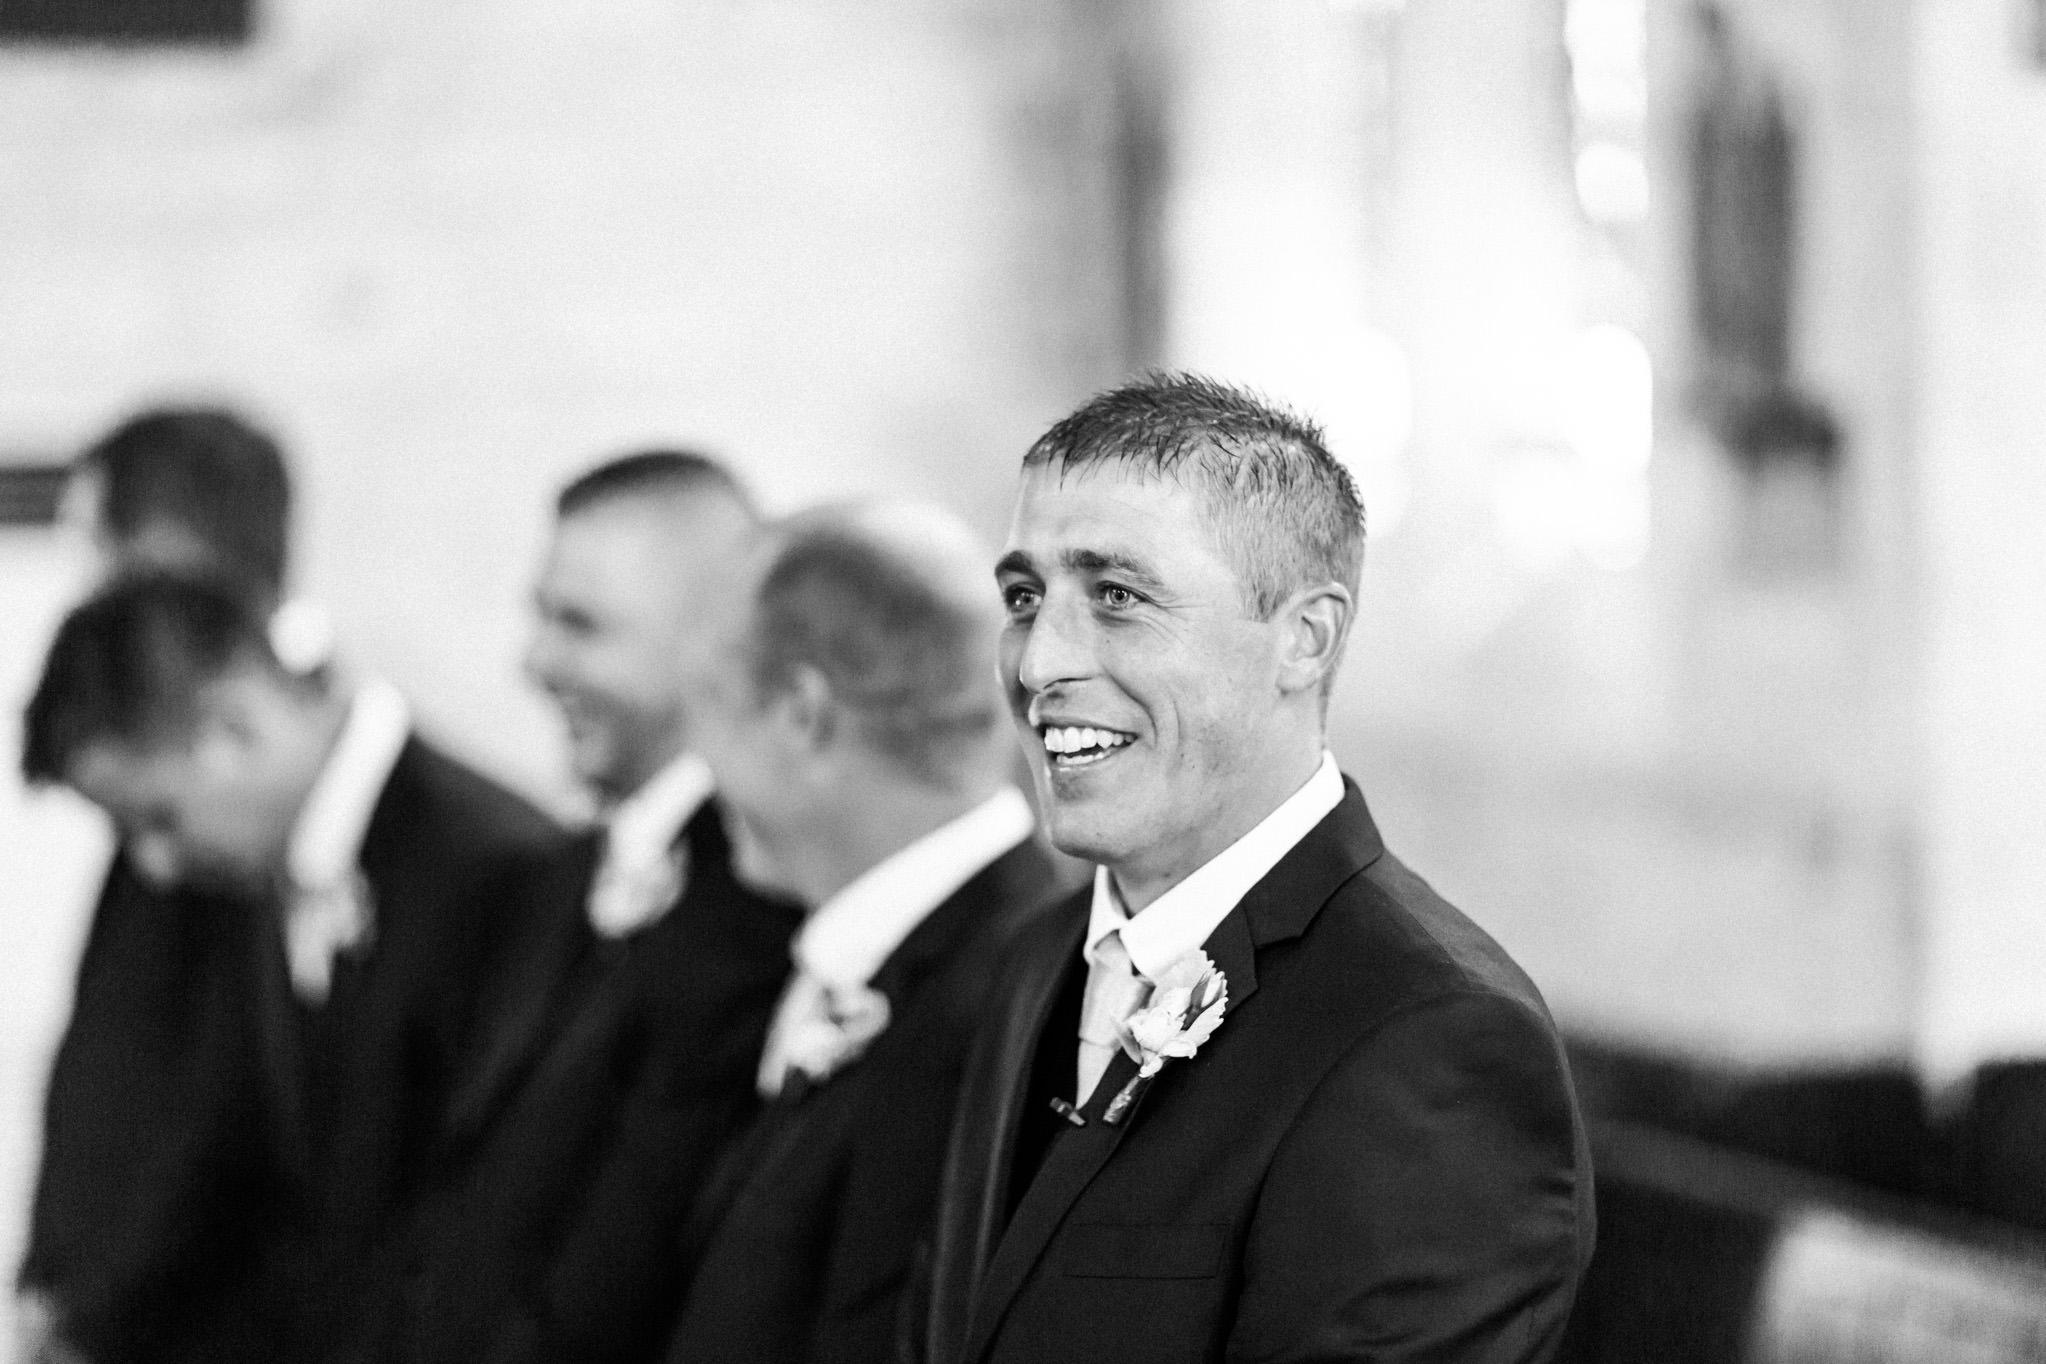 WeddingPhotos_Facebook_2046pixels-1138.jpg